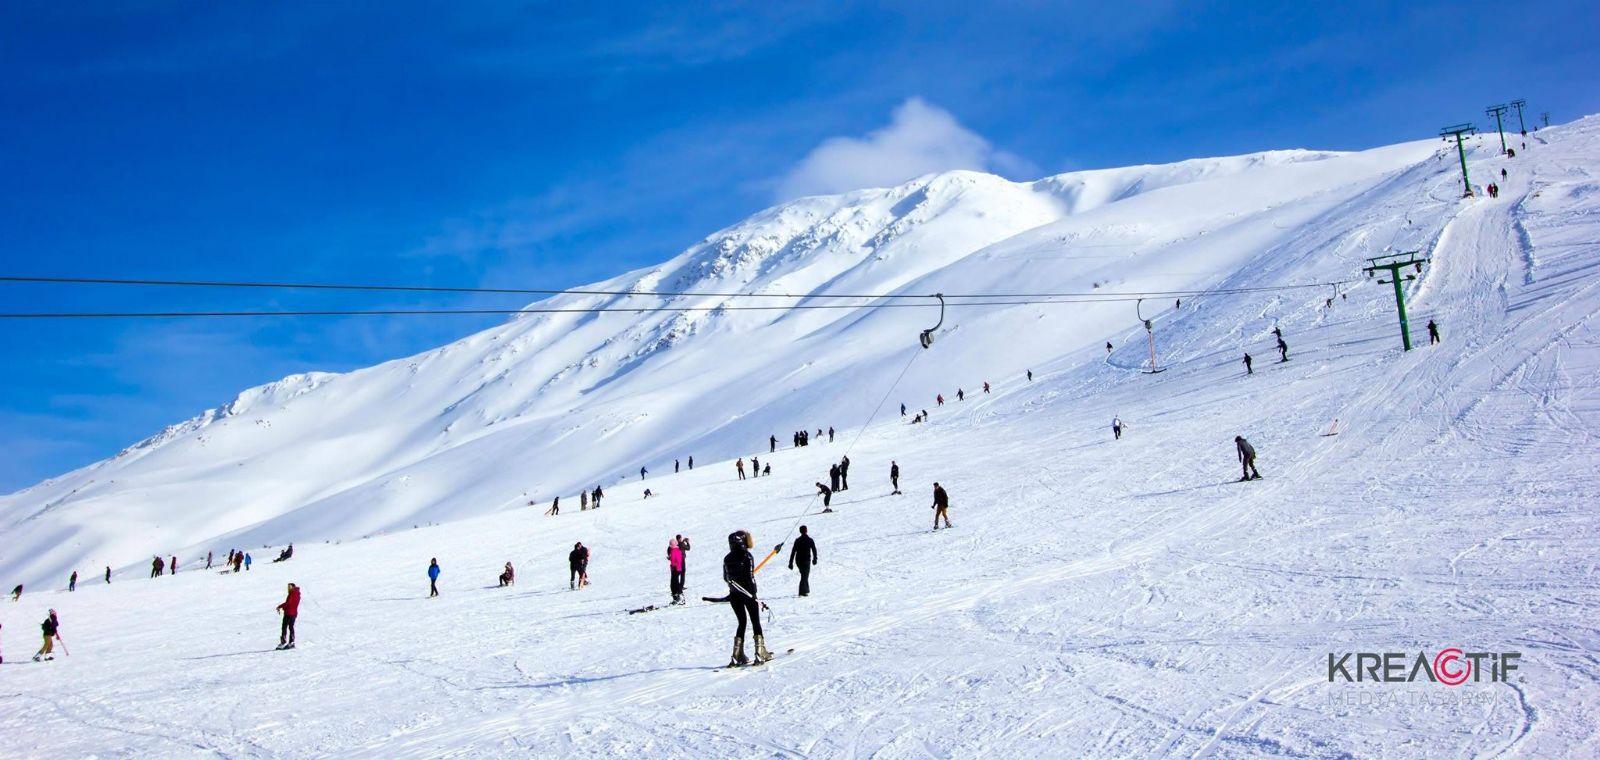 hazarbaba kayak merkezi fotograf cekimi kreactif 1